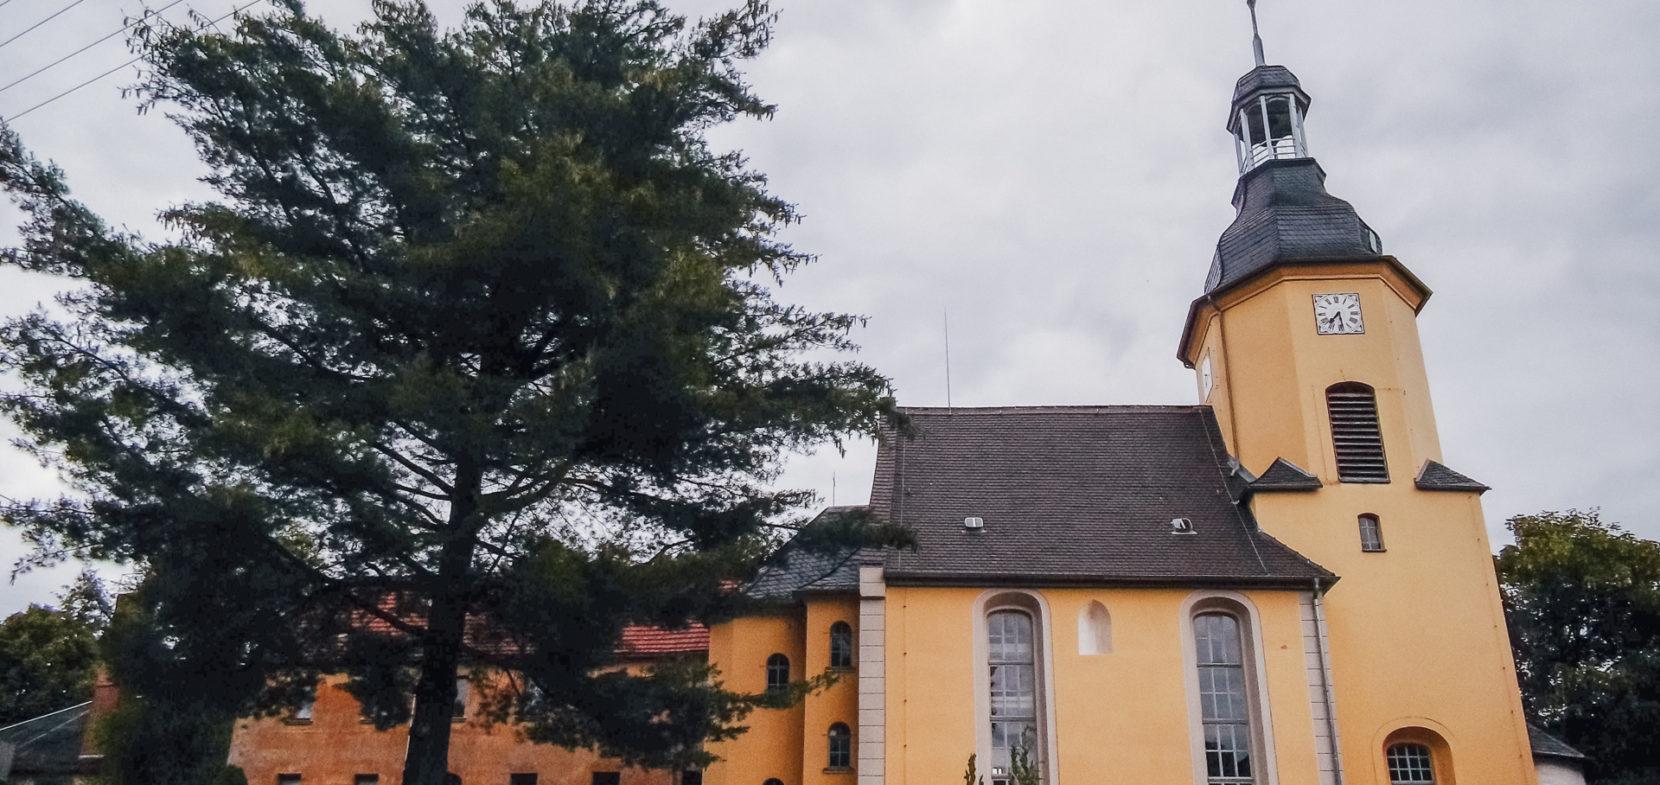 Kirche Frankenhausen